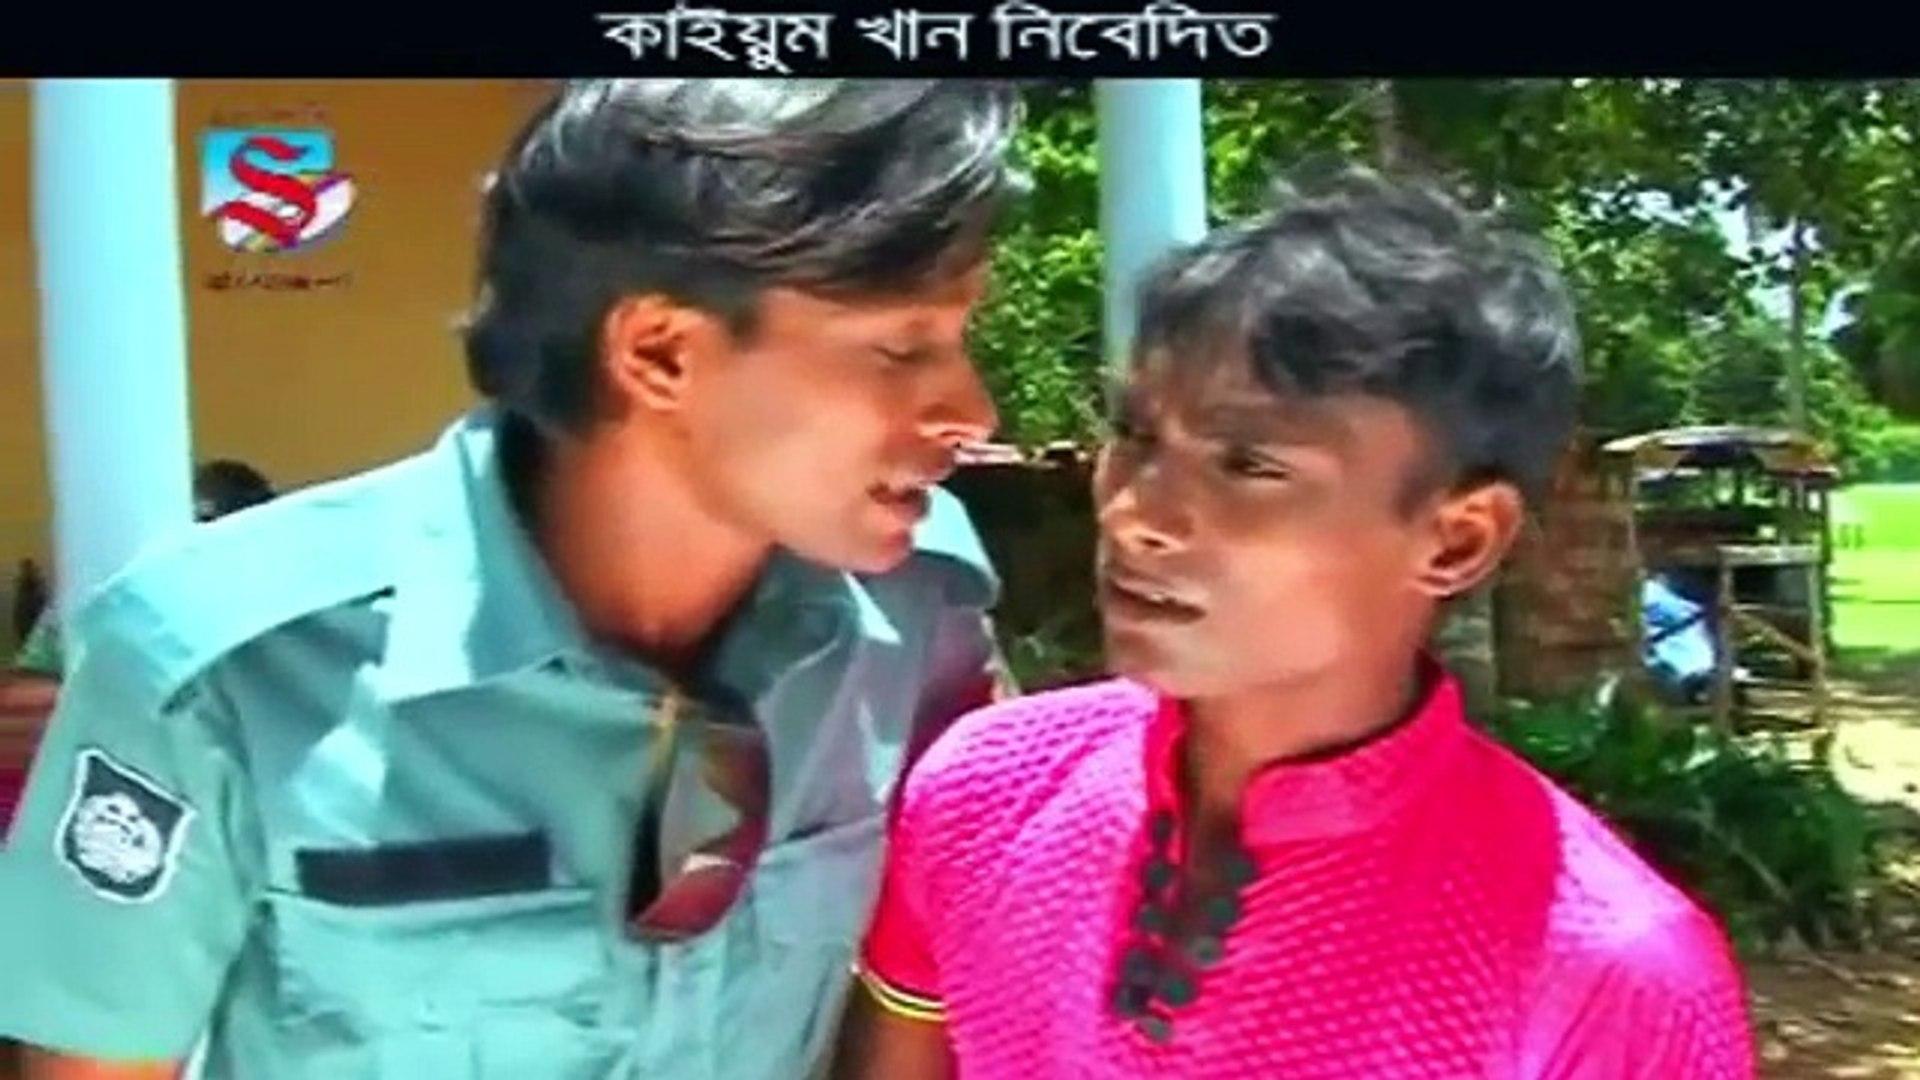 Bangla koutuk 2015 Mojibor caka caka korea nako